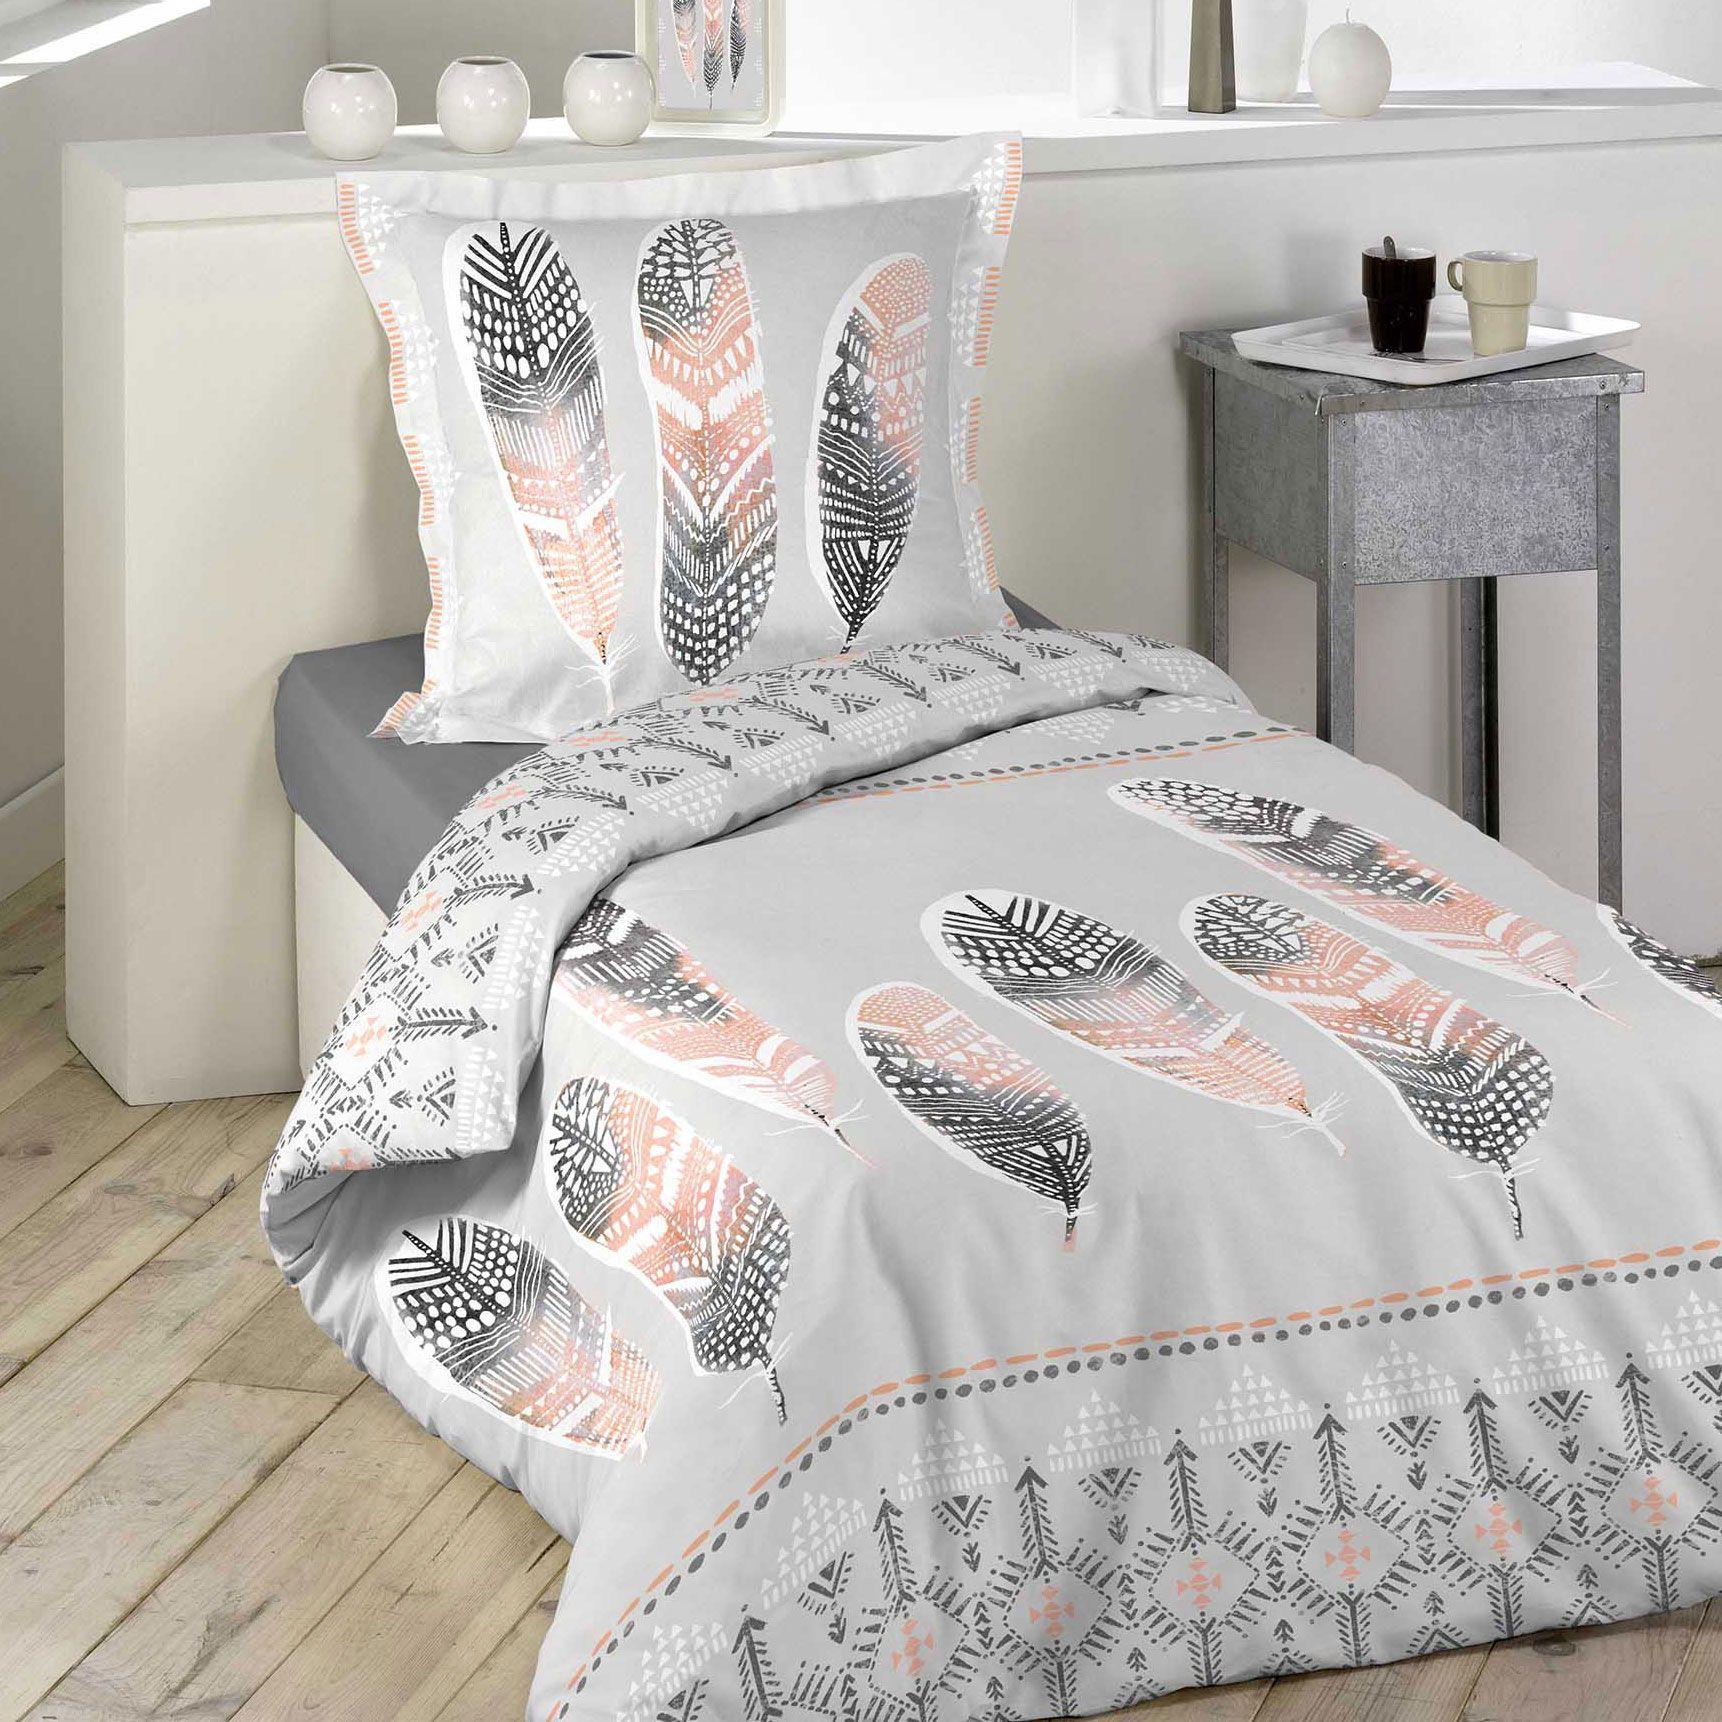 housse de couette et taie plume ethnique 100 coton 140 cm gris clair housse de couette eminza. Black Bedroom Furniture Sets. Home Design Ideas